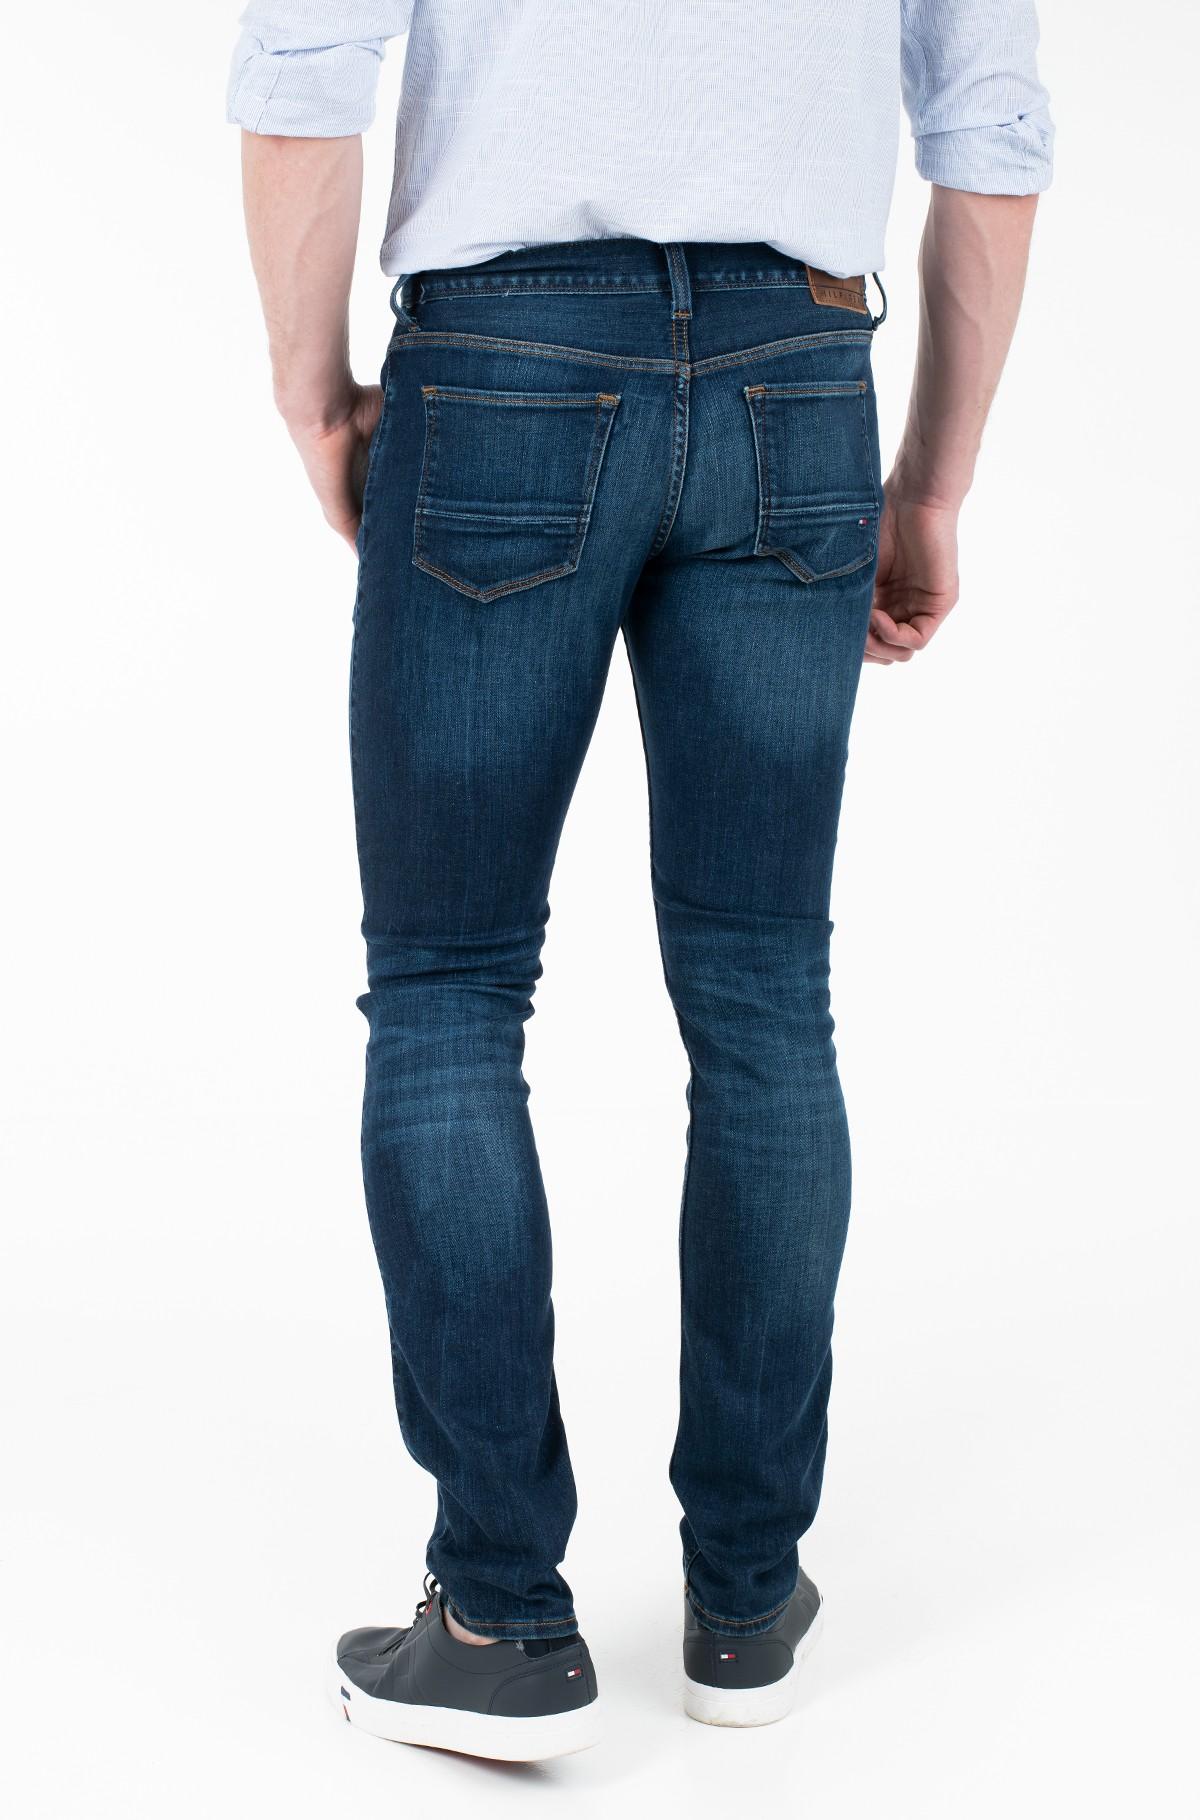 Džinsinės kelnės SKINNY LAYTON PSTR MISSOULA BLUE-full-2